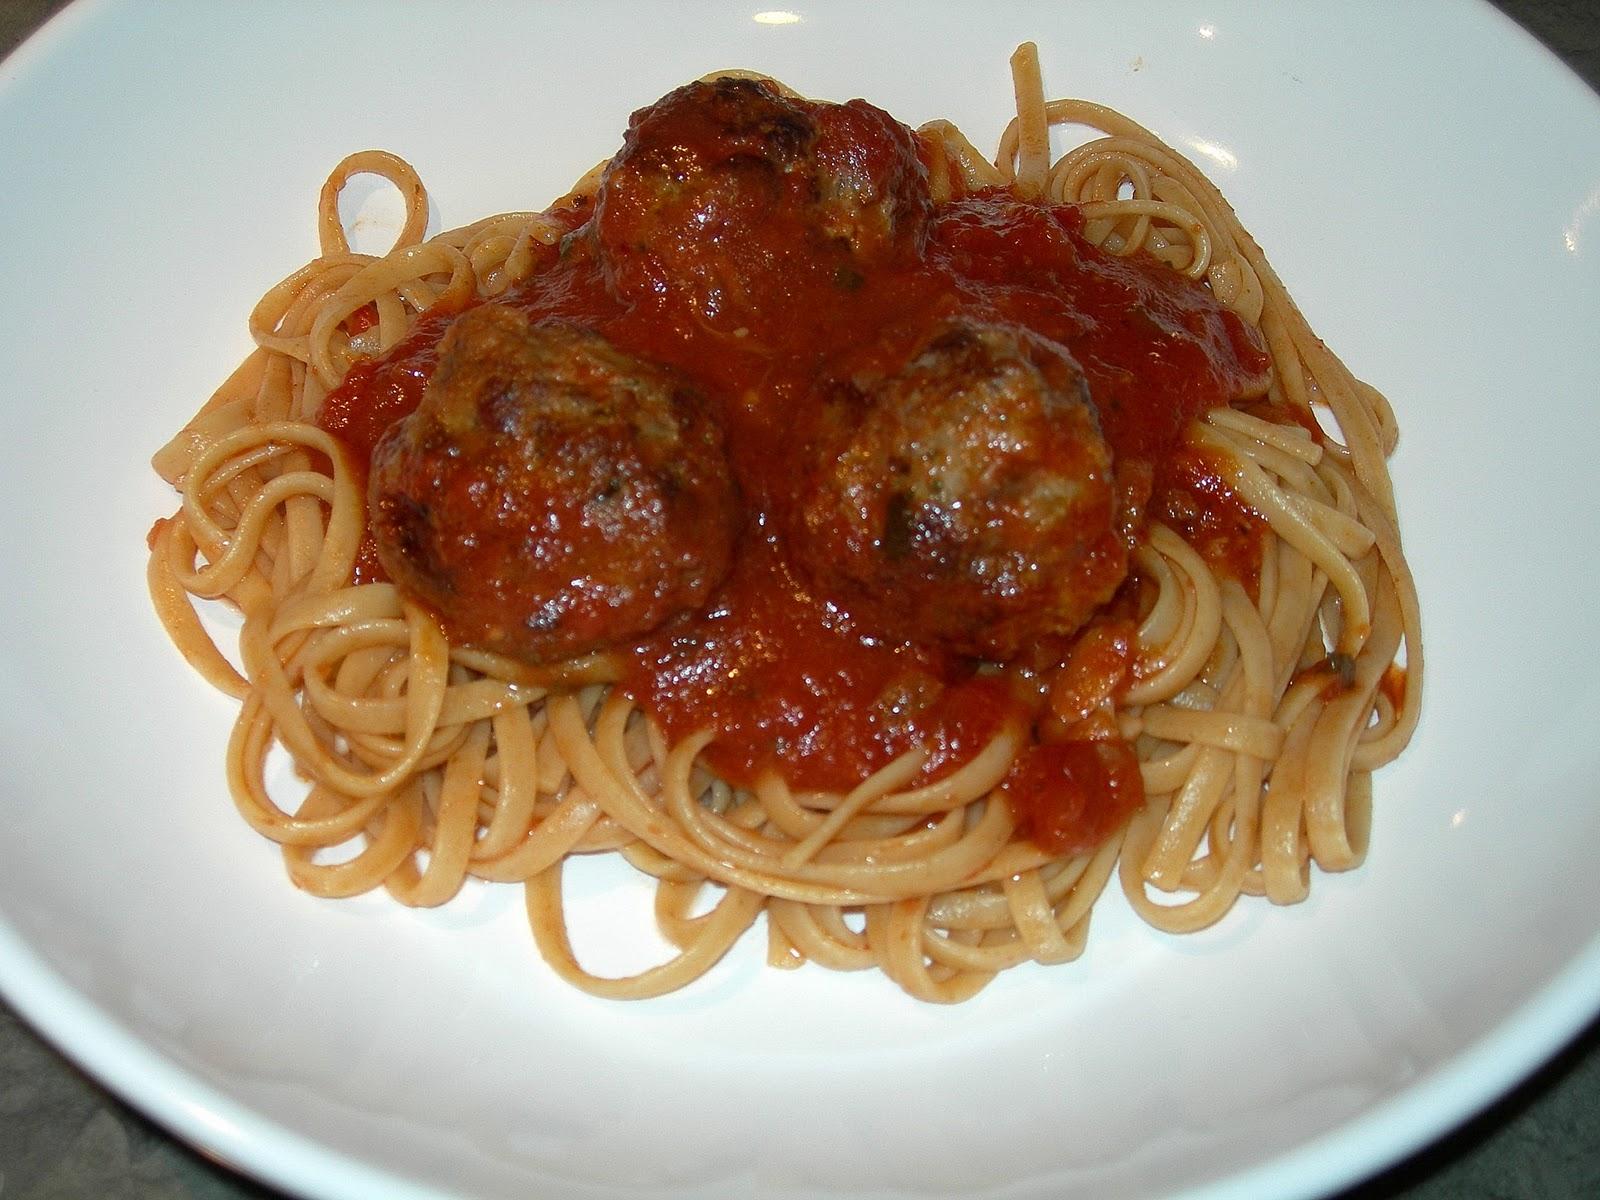 Mangia e Taci: Spaghetti and Meatballs - An Italian-American Classic